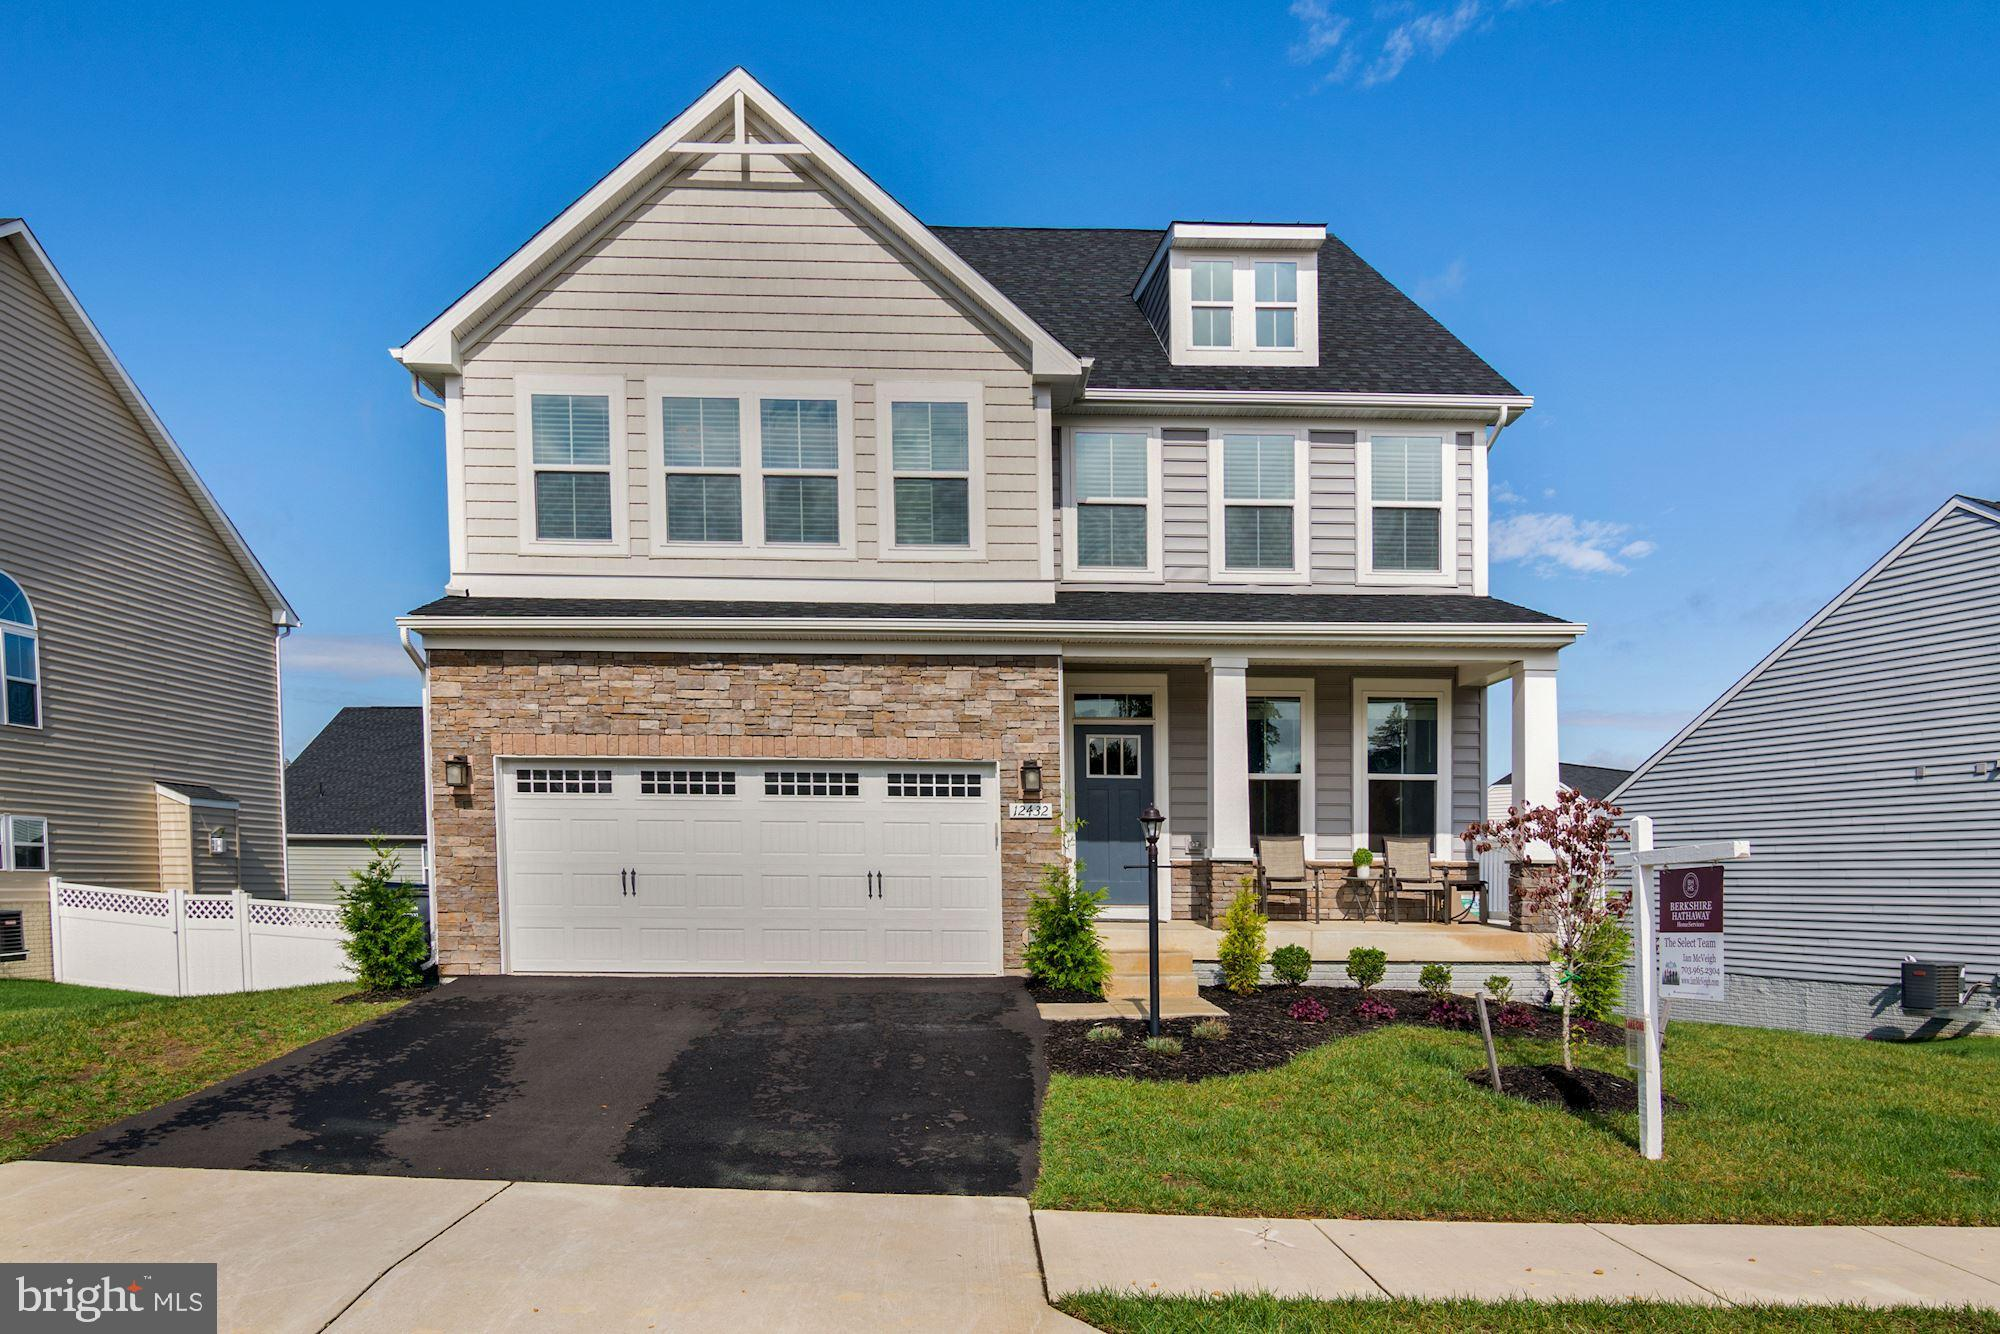 12432 Mays Quarter Rd, Woodbridge, VA, 22192